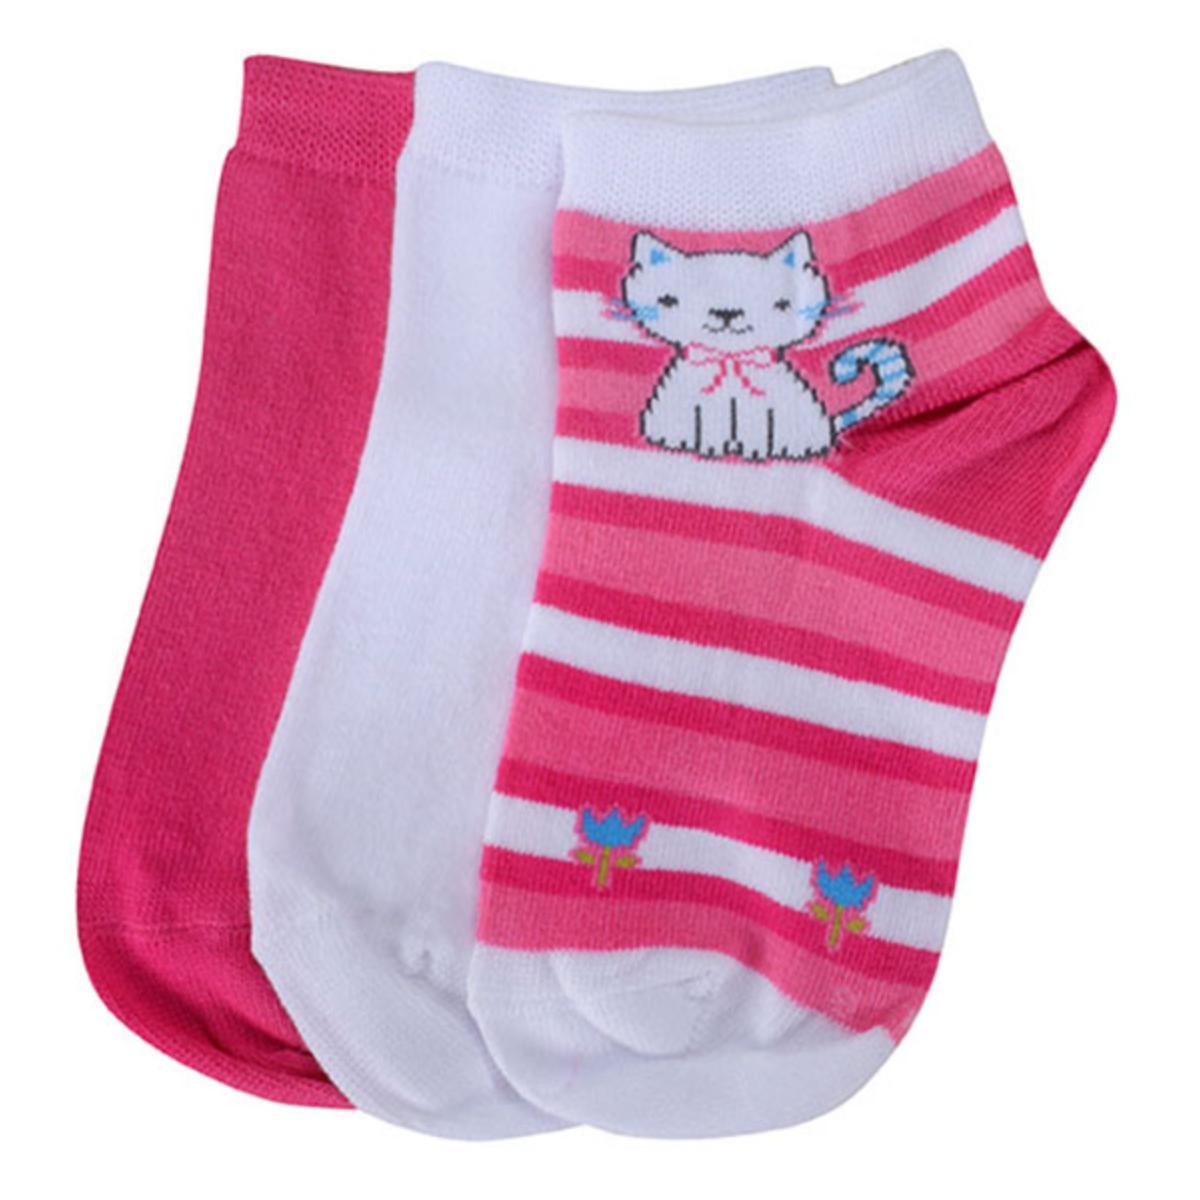 Meia Fem Infantil Lupo 02678 089 0941 Kit C/3 Pink/branco